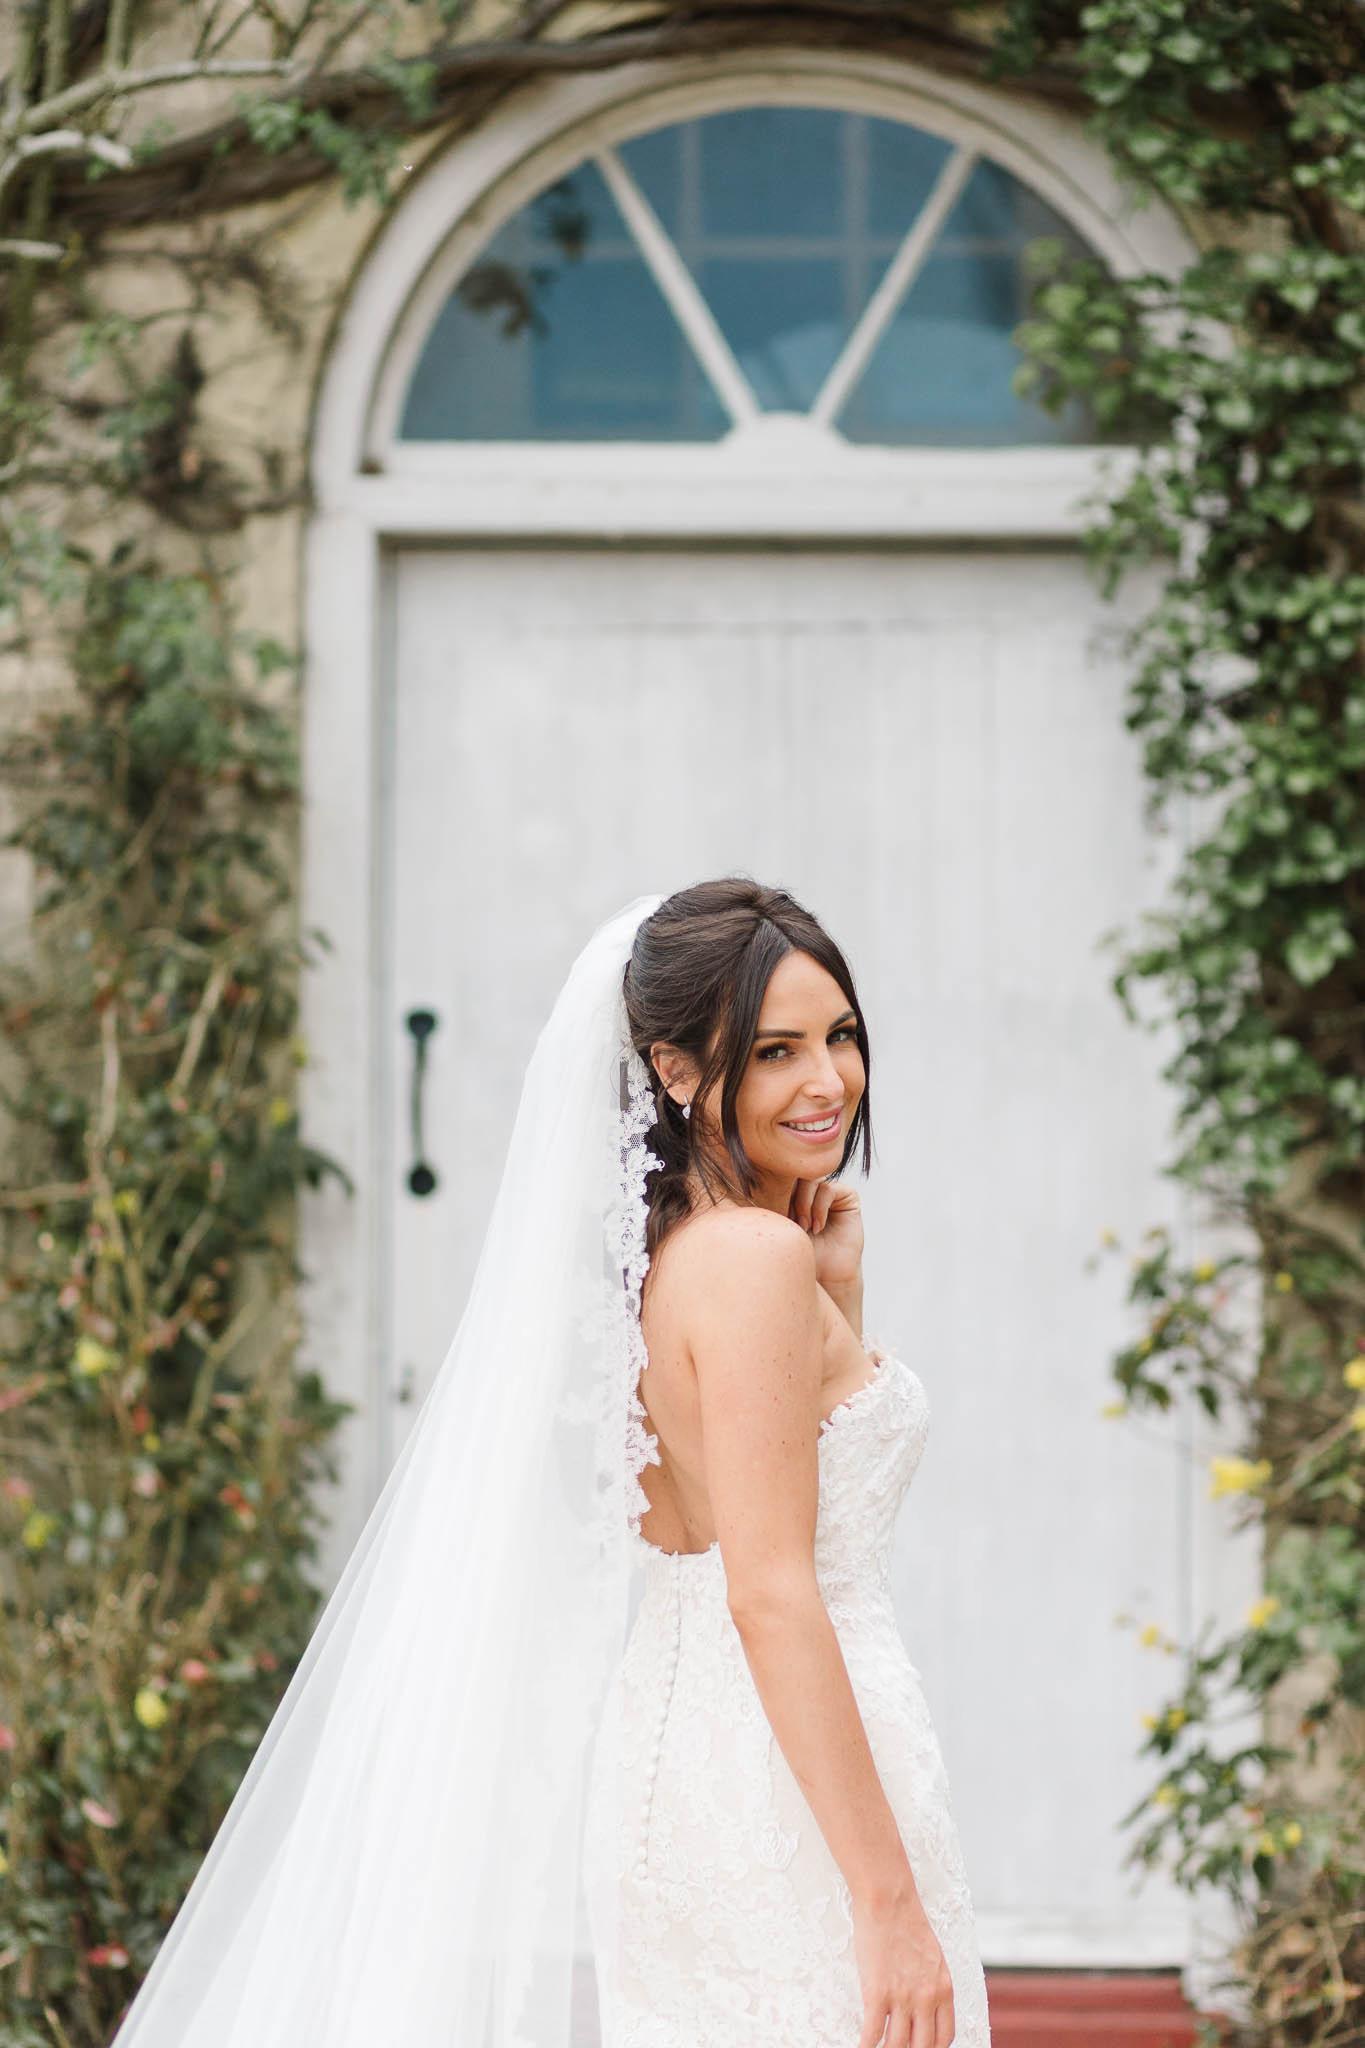 stunning bride - elegant and stylish wedding